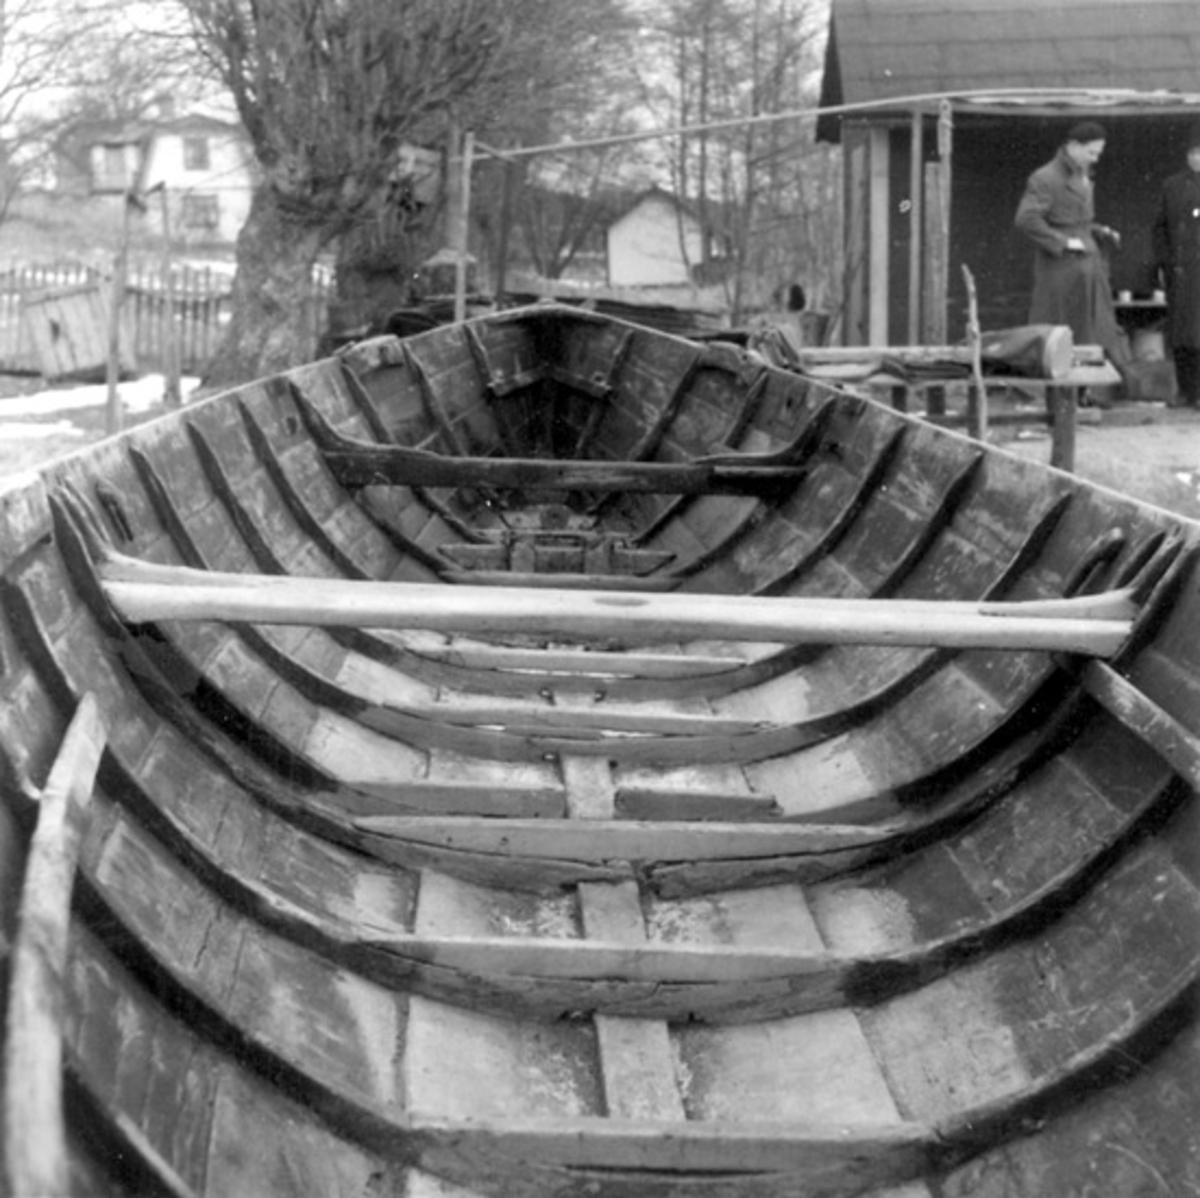 Skrivet på vidhängande papper: Långbåt, byggd av Jansson på Stegesund år 1892.